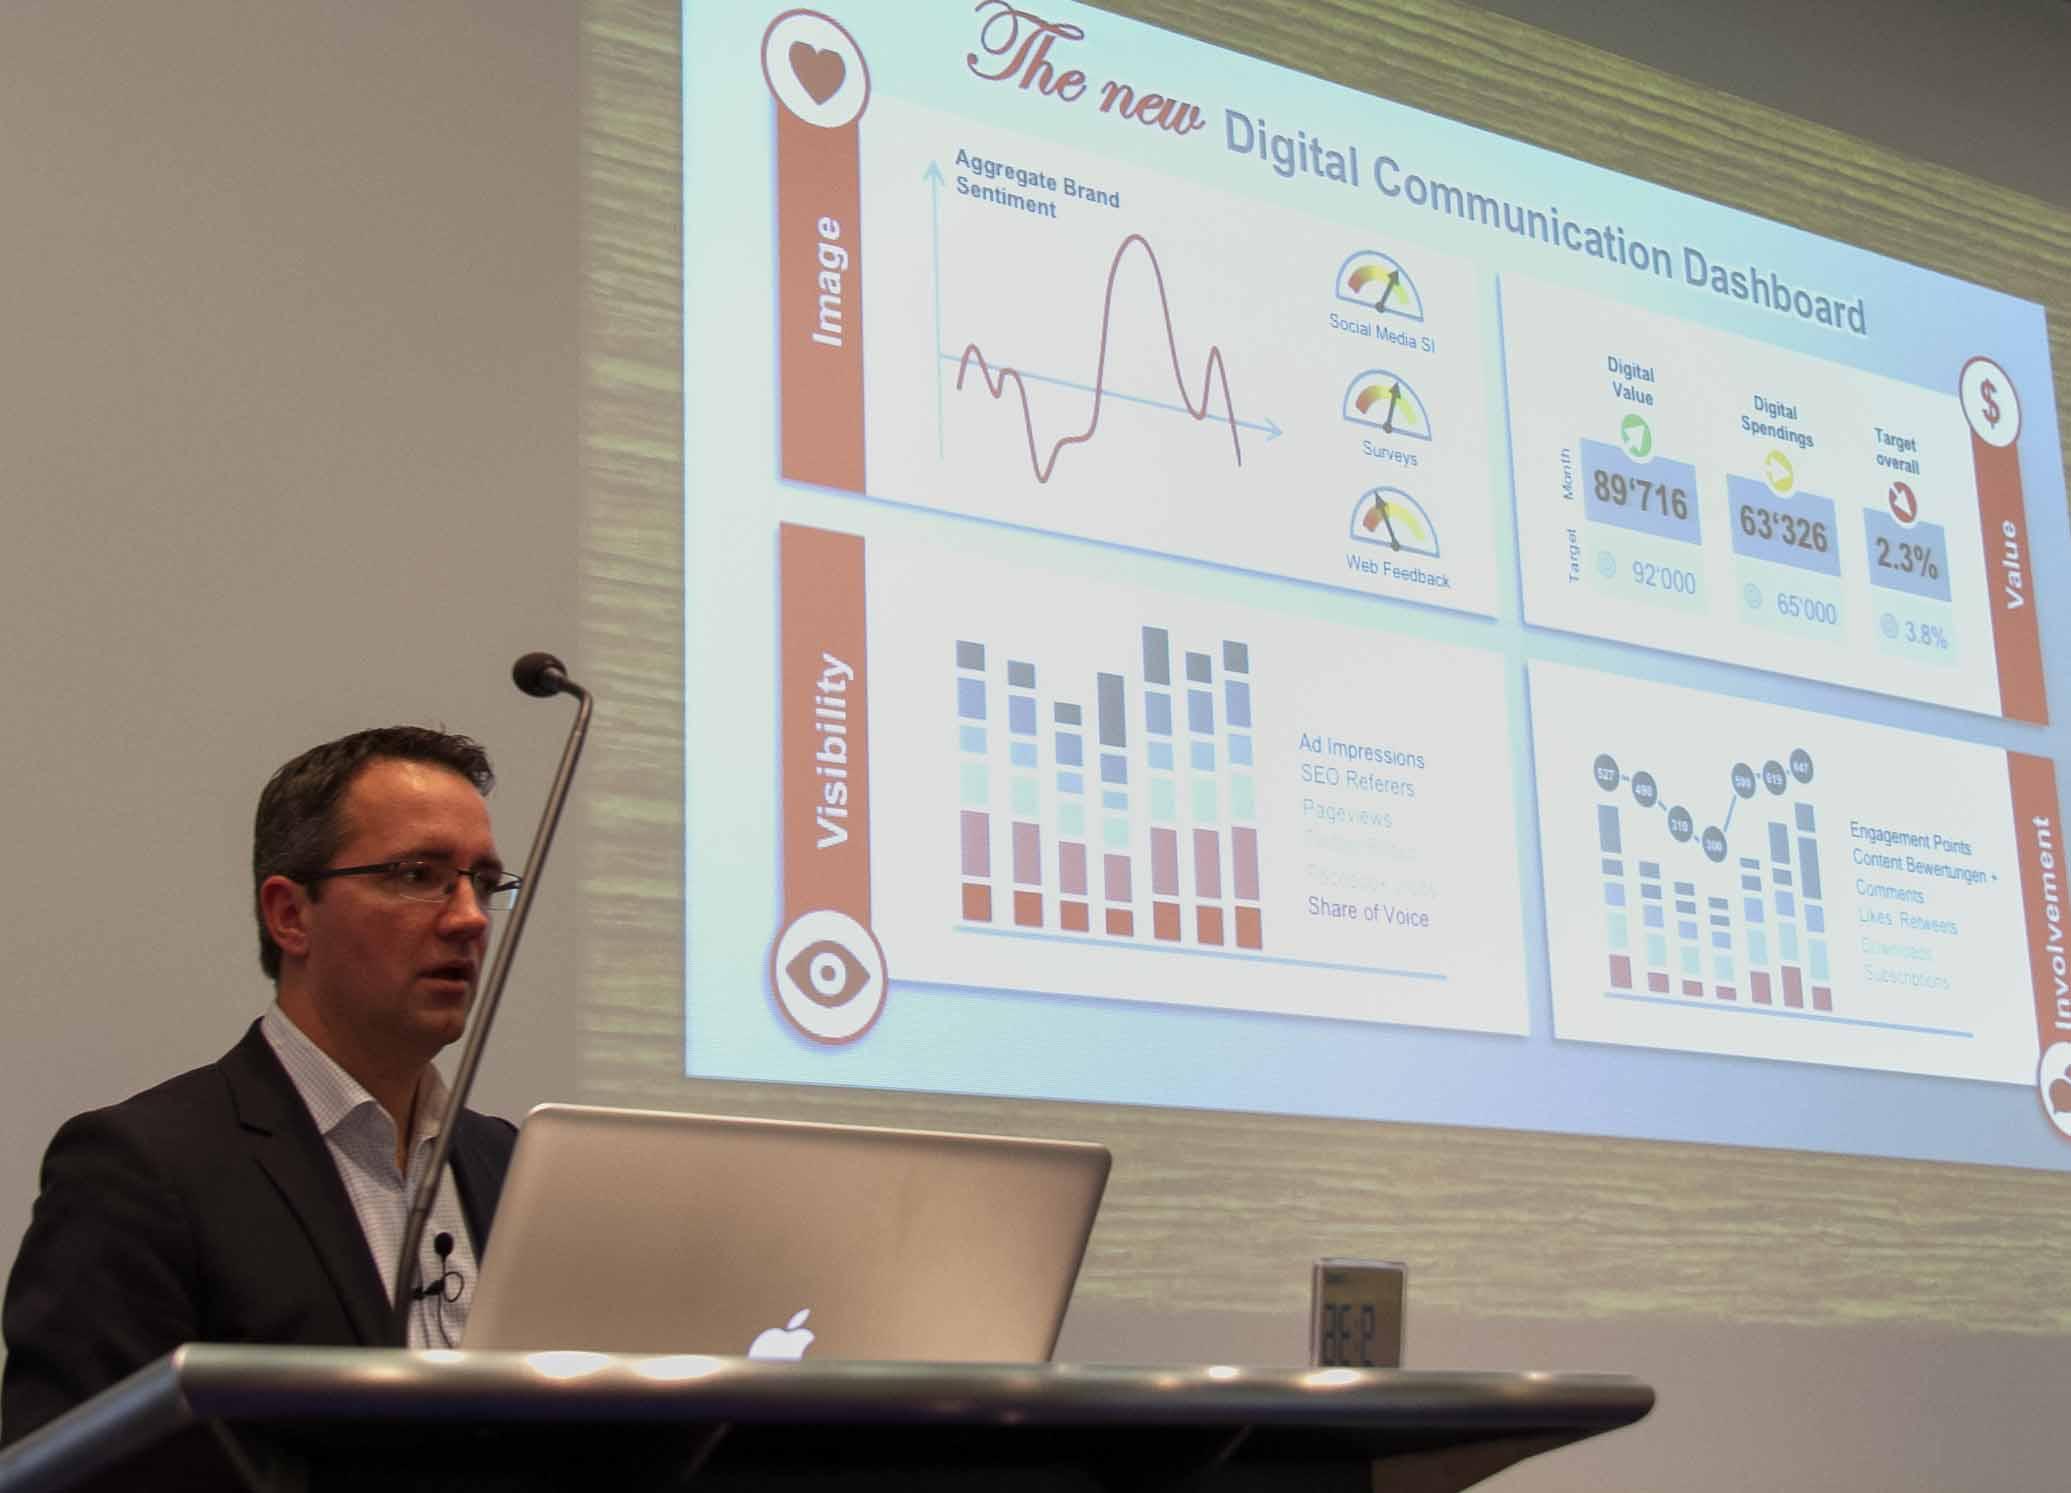 Michael-Rottmann-digitales-Kommunikations-Dashboard